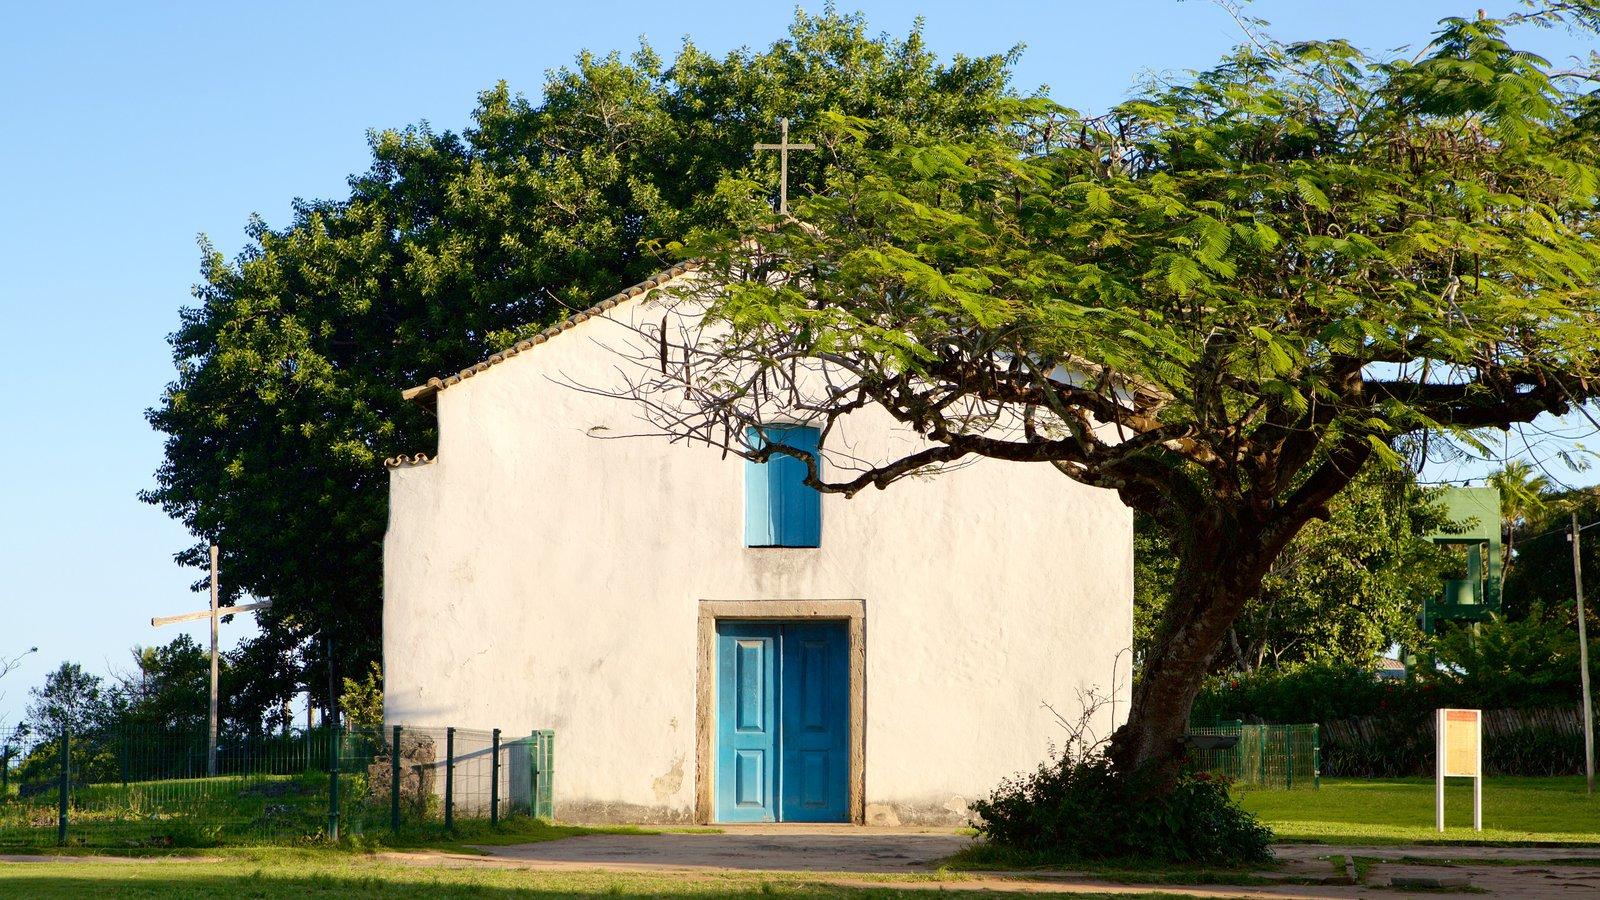 Porto Seguro mostrando aspectos religiosos e uma igreja ou catedral